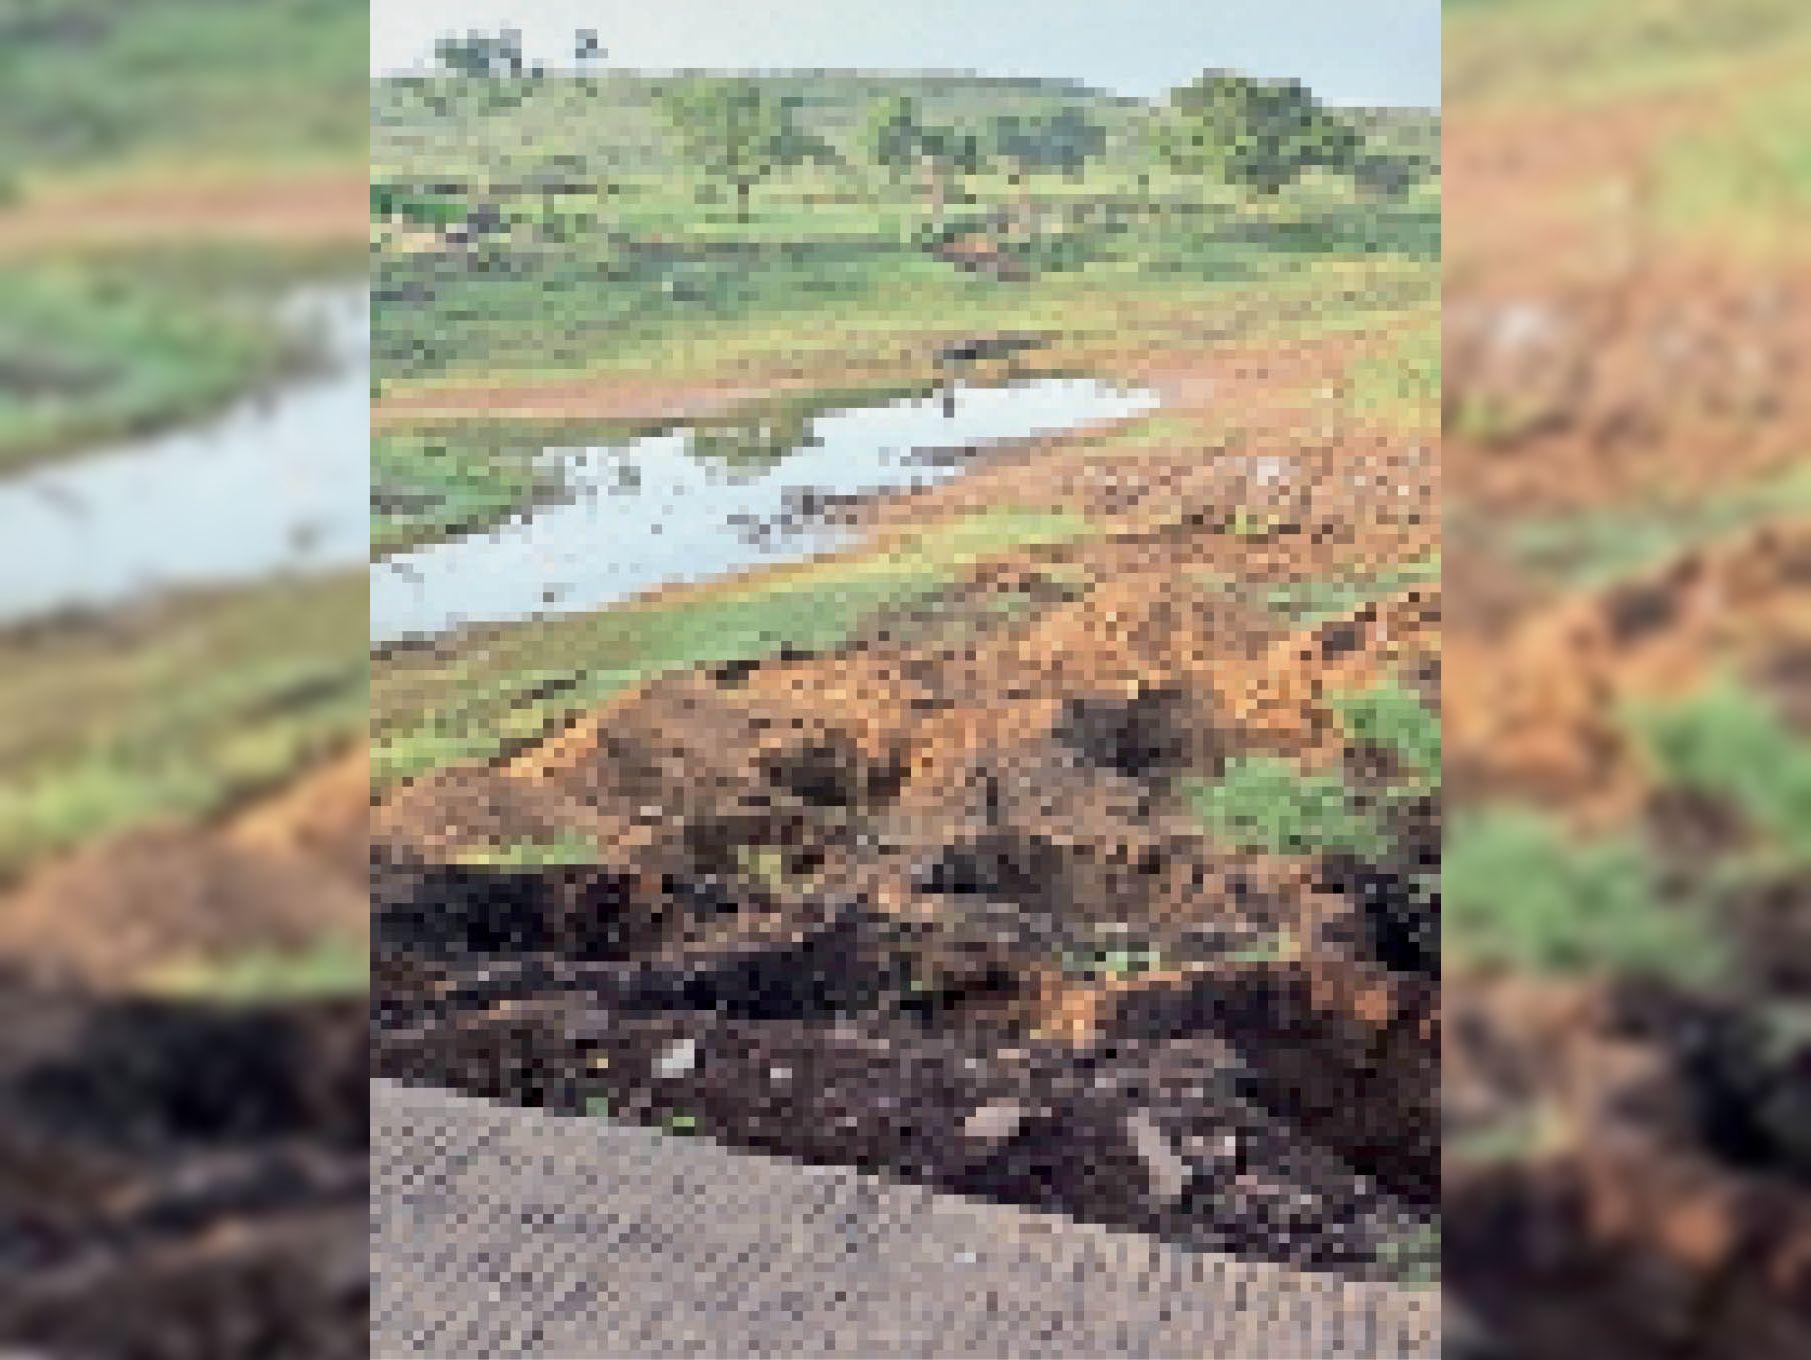 सरपंच द्वारा पट्टे जारी होने के बाद तालाब की जमीन पर शुरू किया अतिक्रमण। - Dainik Bhaskar